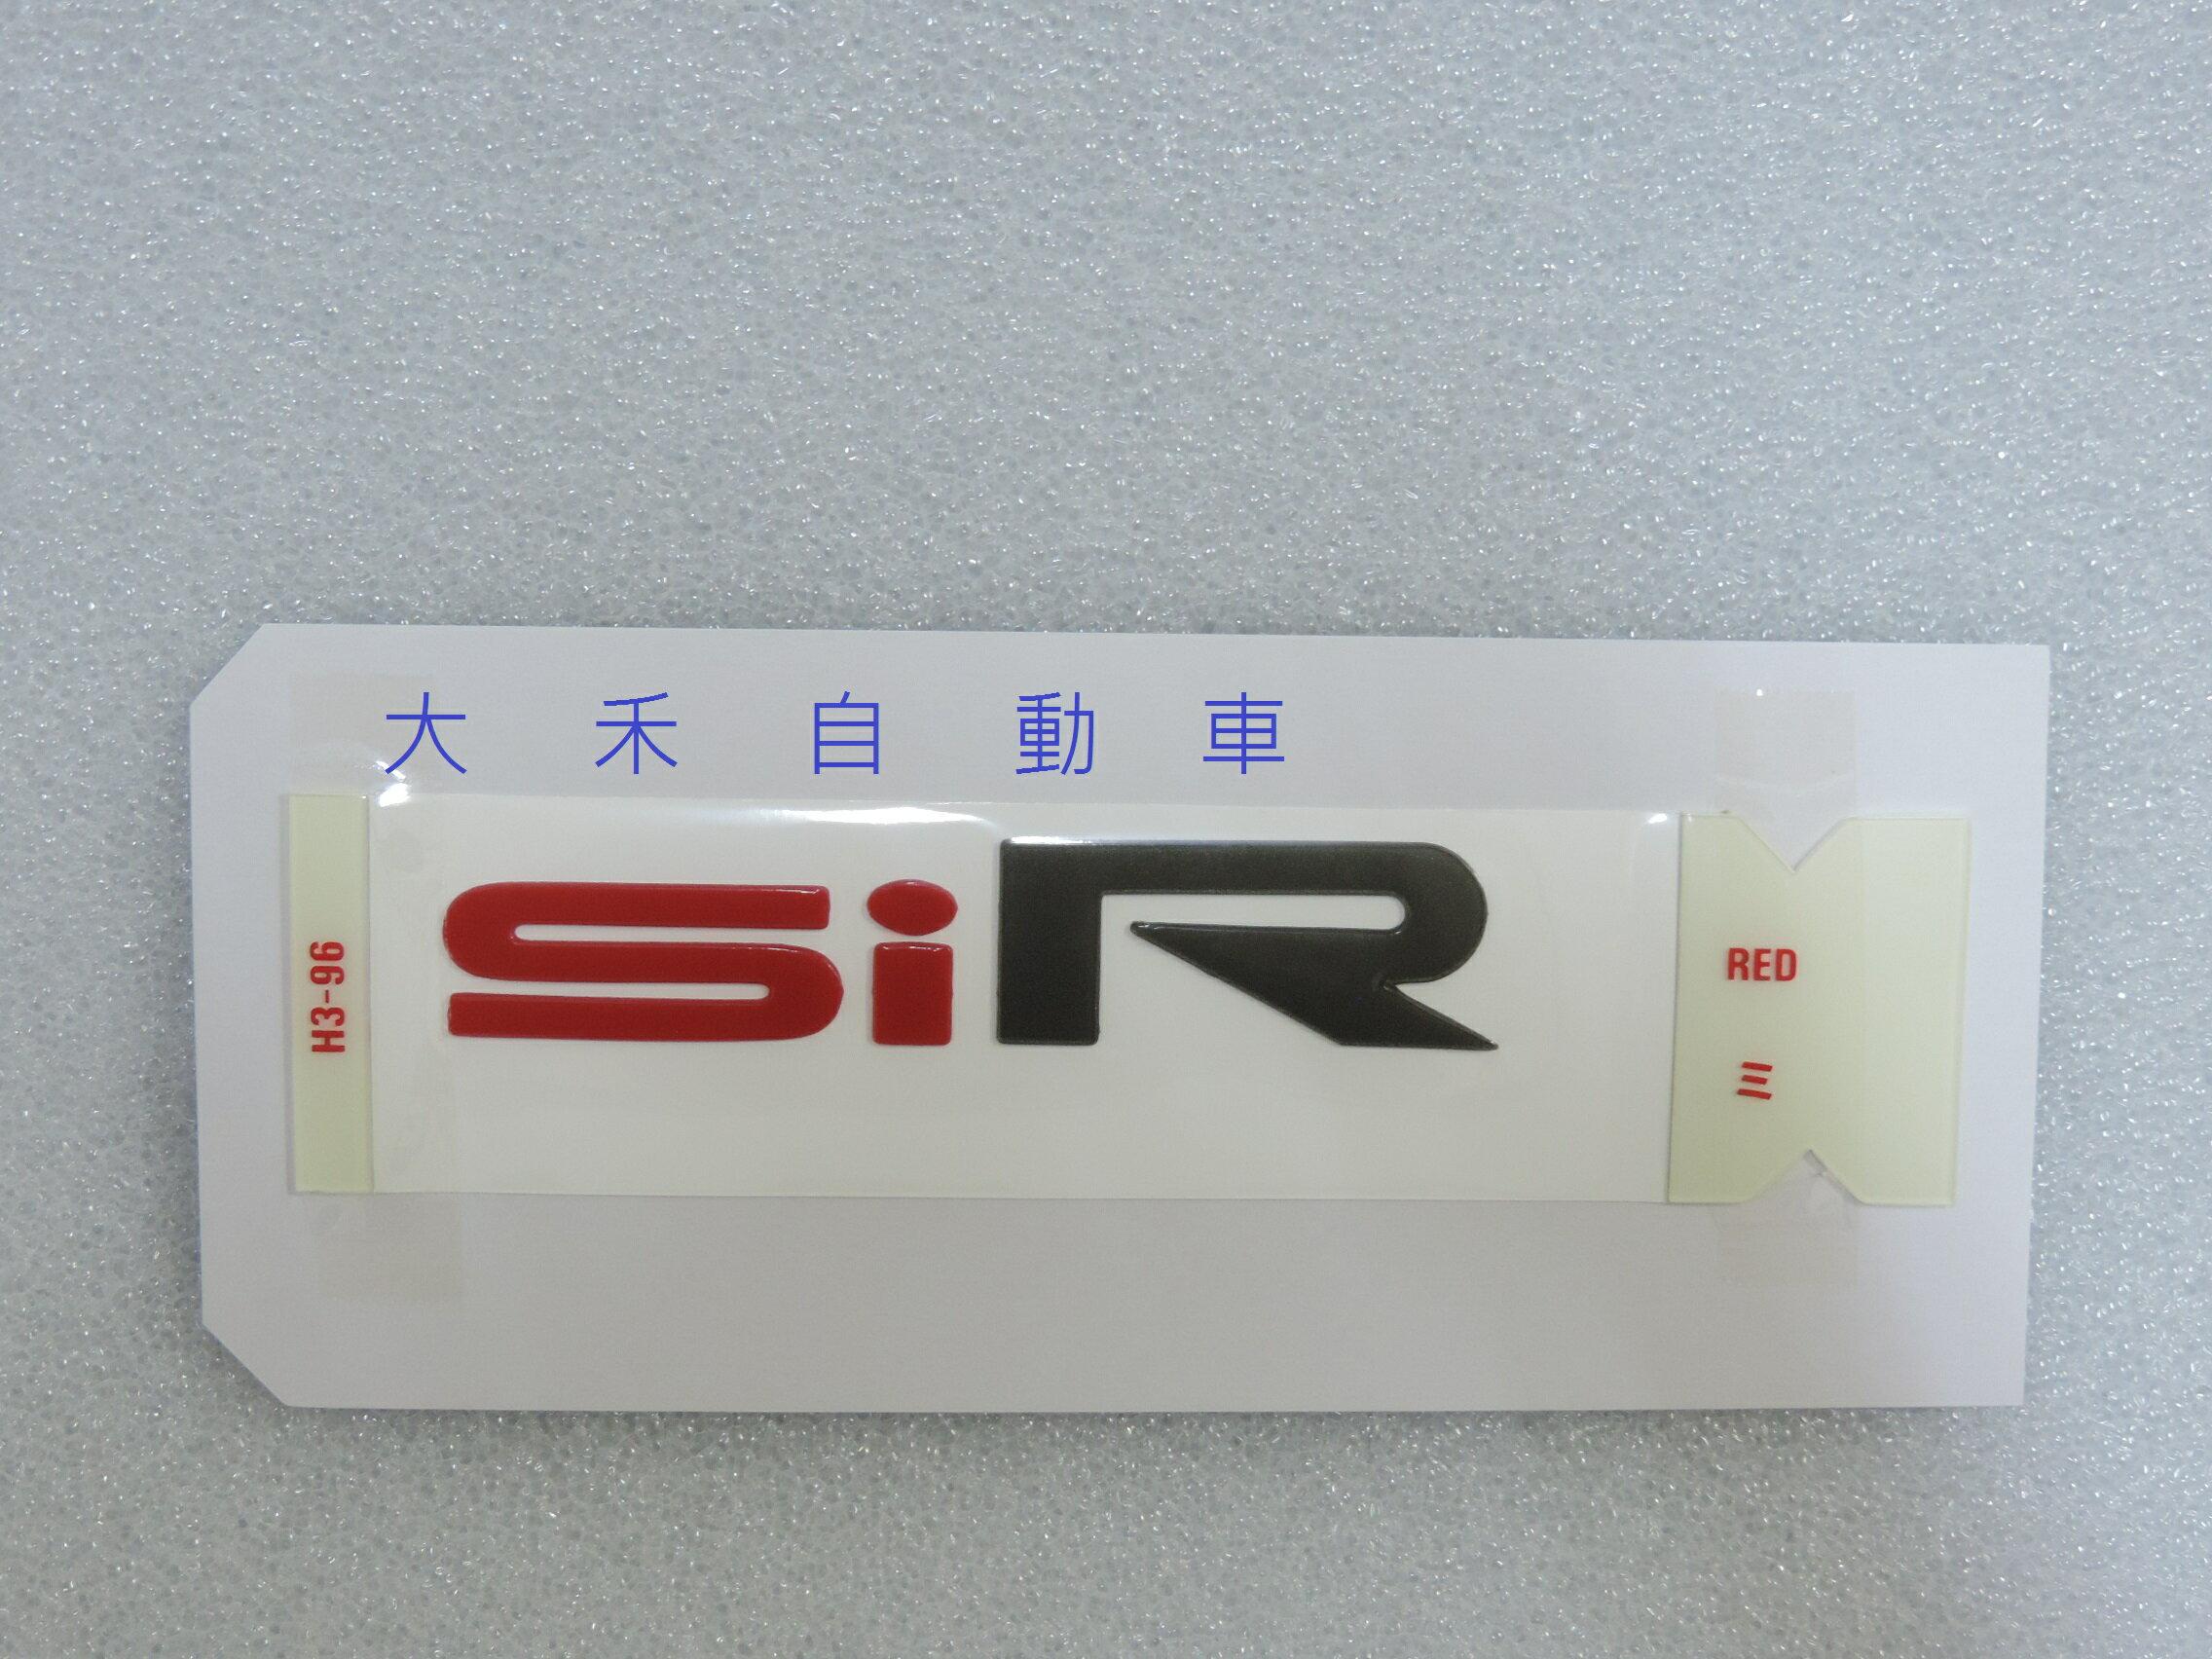 大禾自動車 HONDA 原廠 日規 SIR標誌貼紙 EF CRX 16V 無限 SPOON K6 K8 TYPE-R